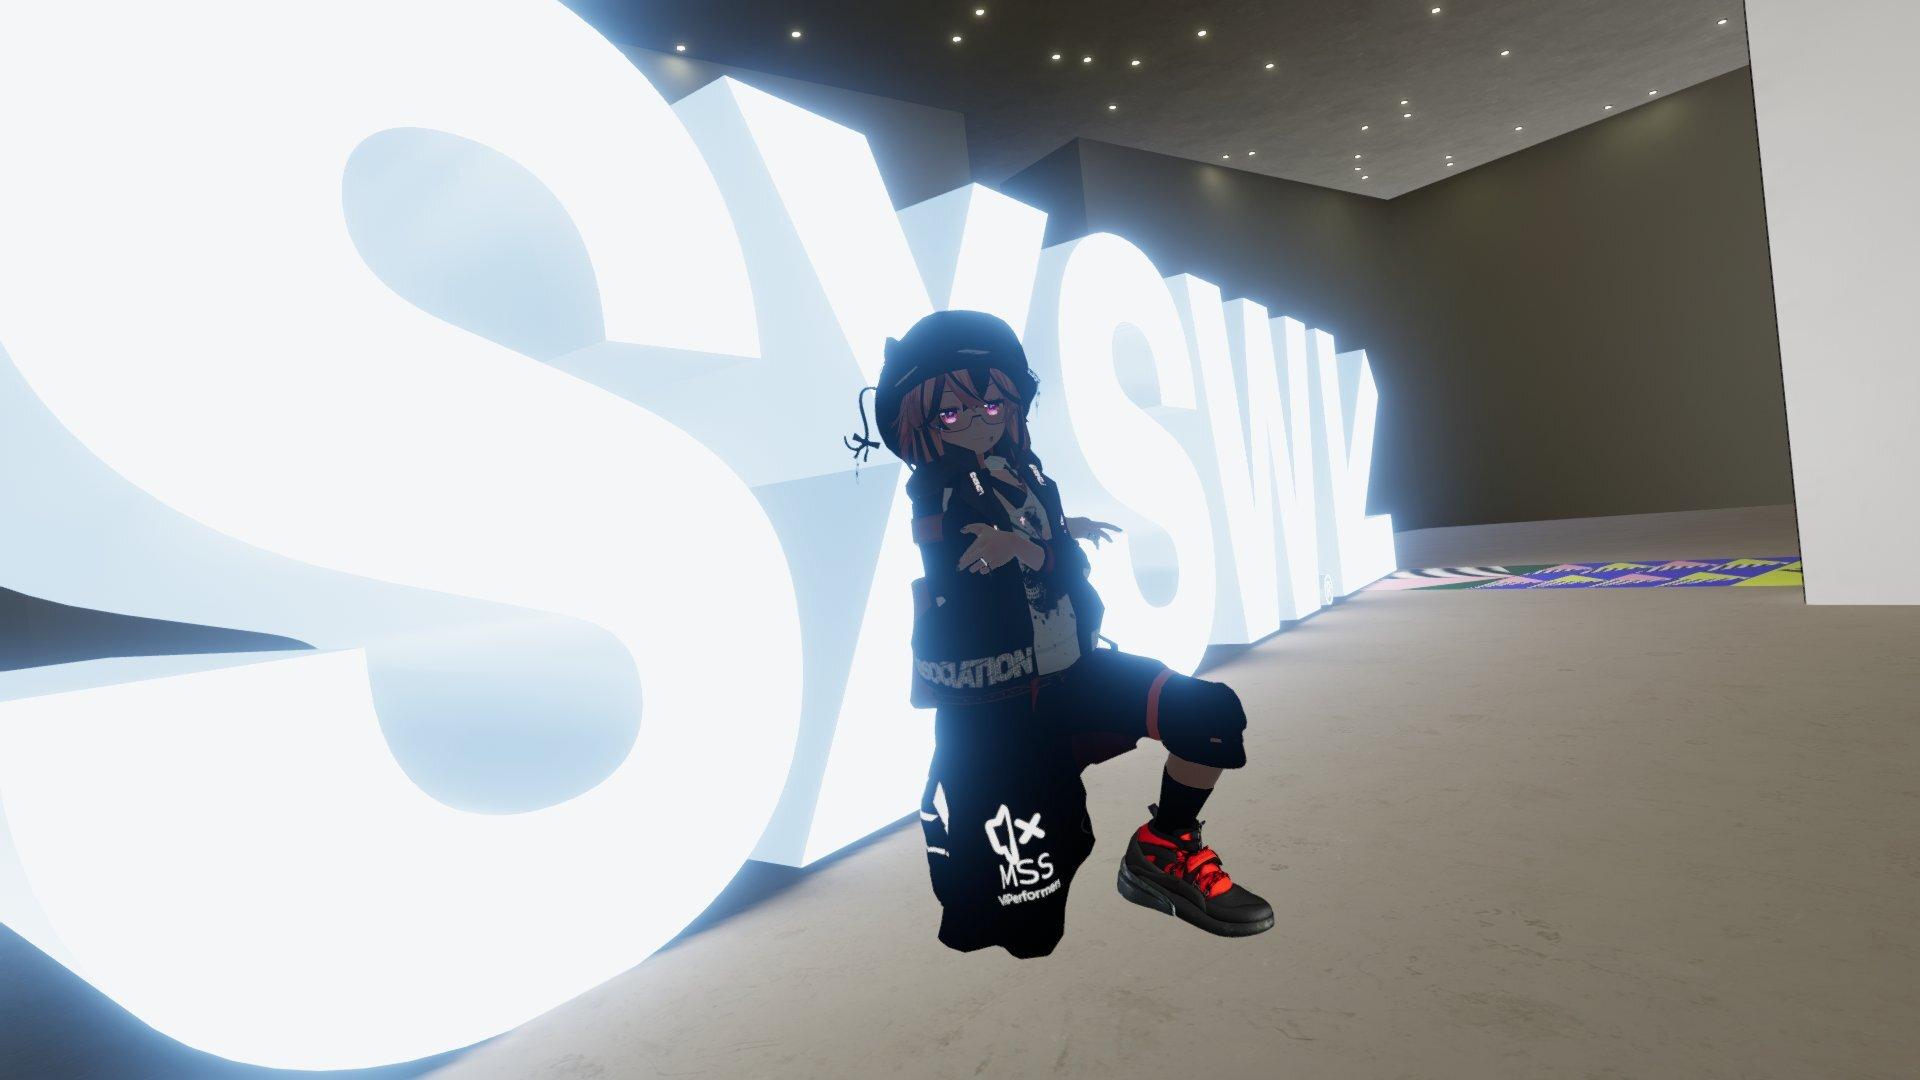 yoikami – SXSW Online XR – SXSW Avatar Dance Contest